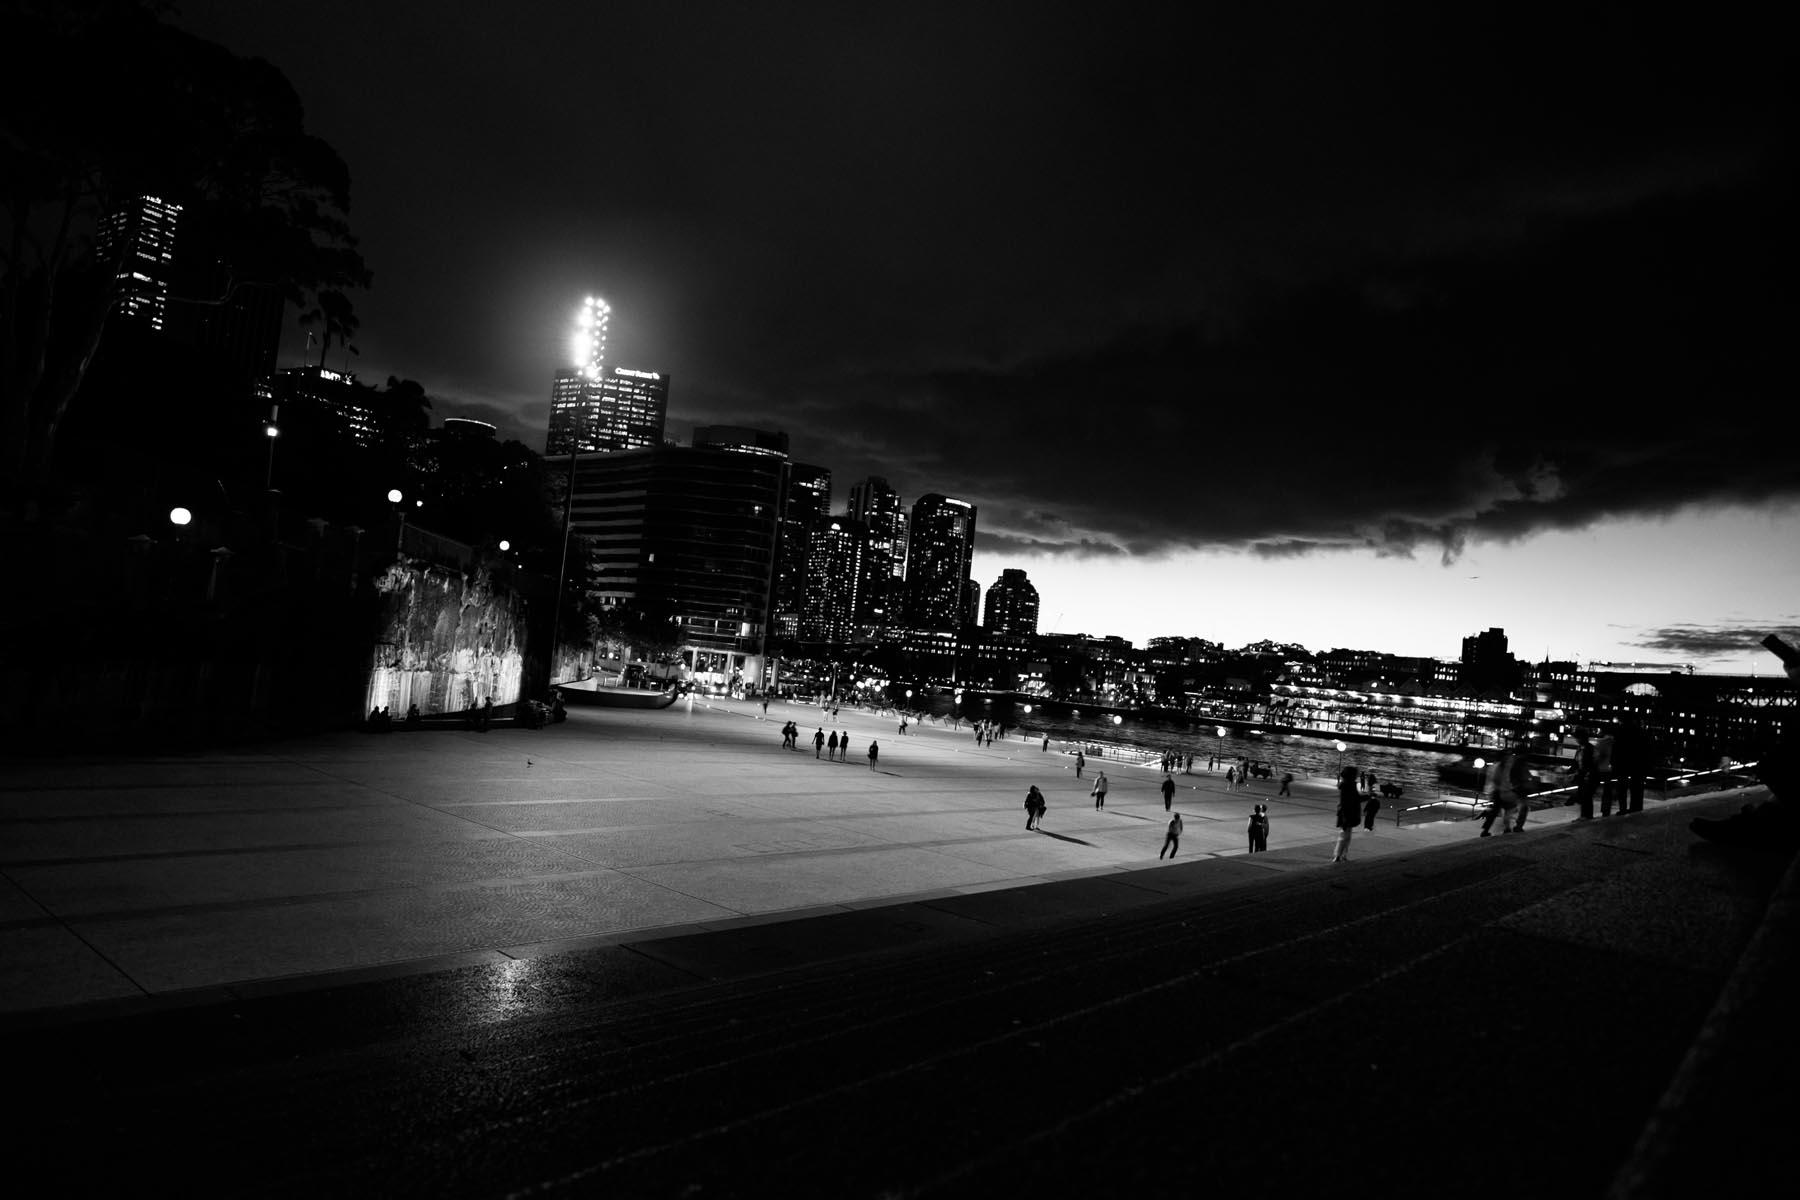 city sydney at night Australia black and white